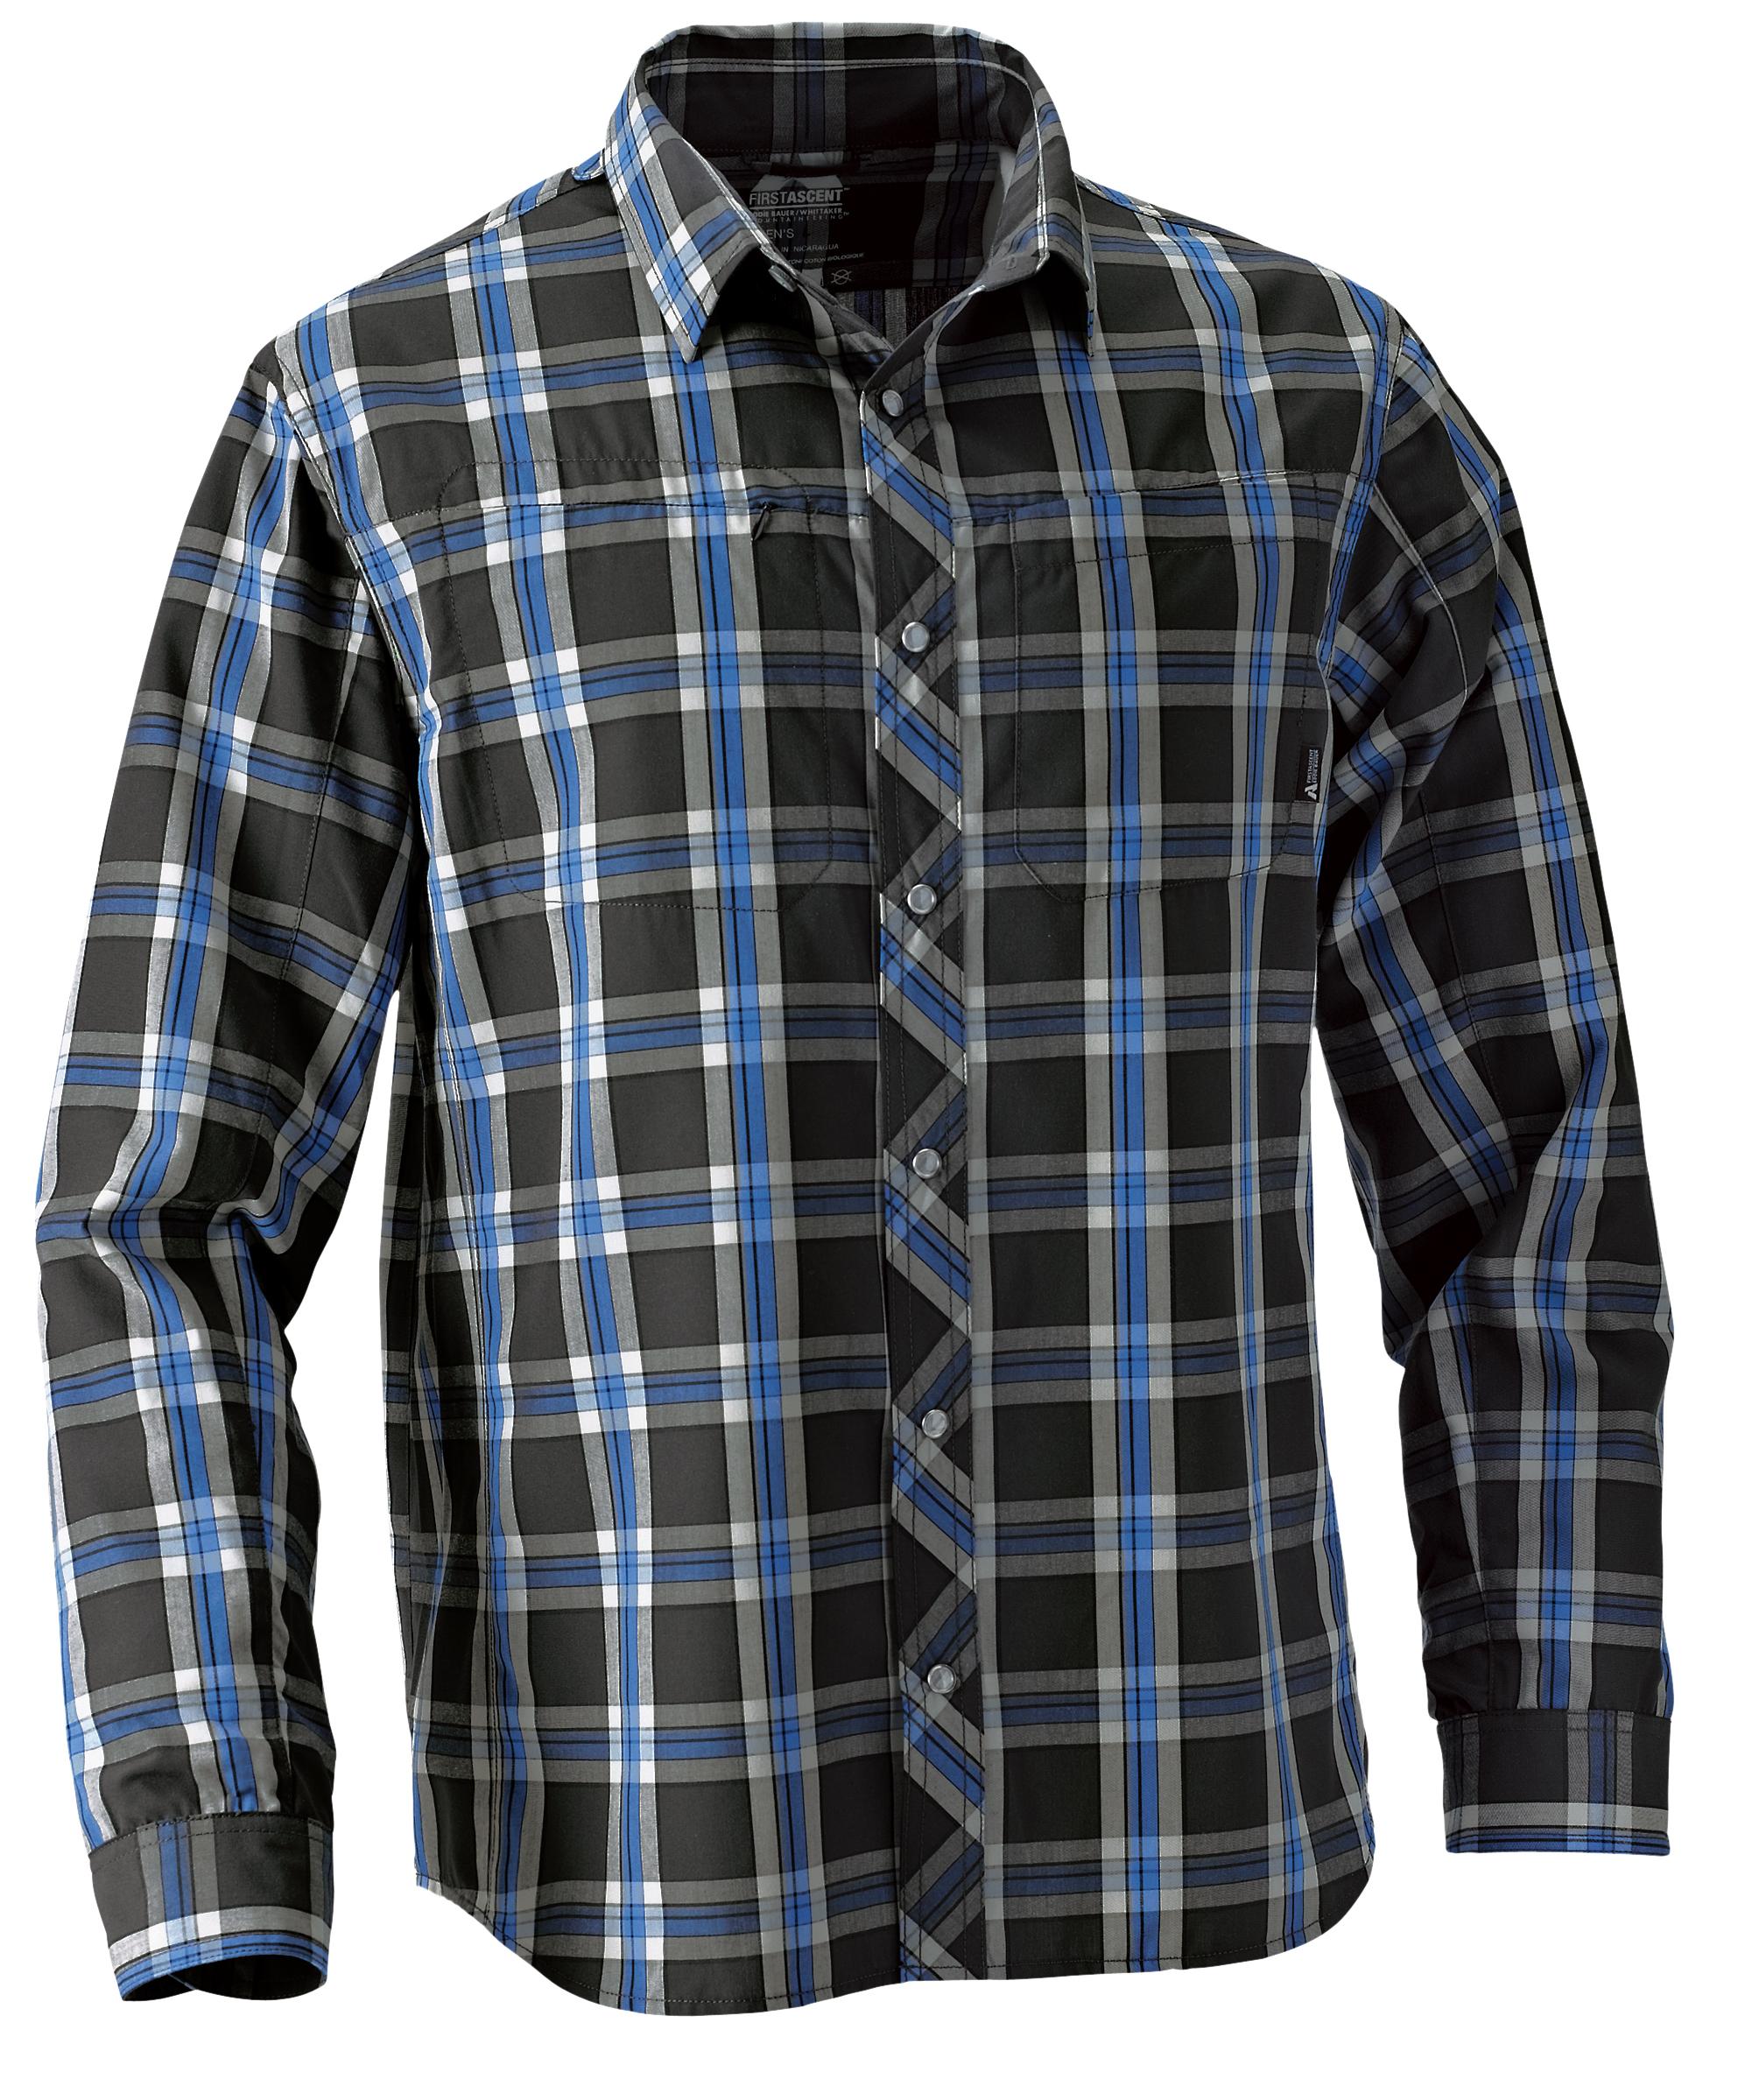 Men's Long-sleeve High Route Shirt